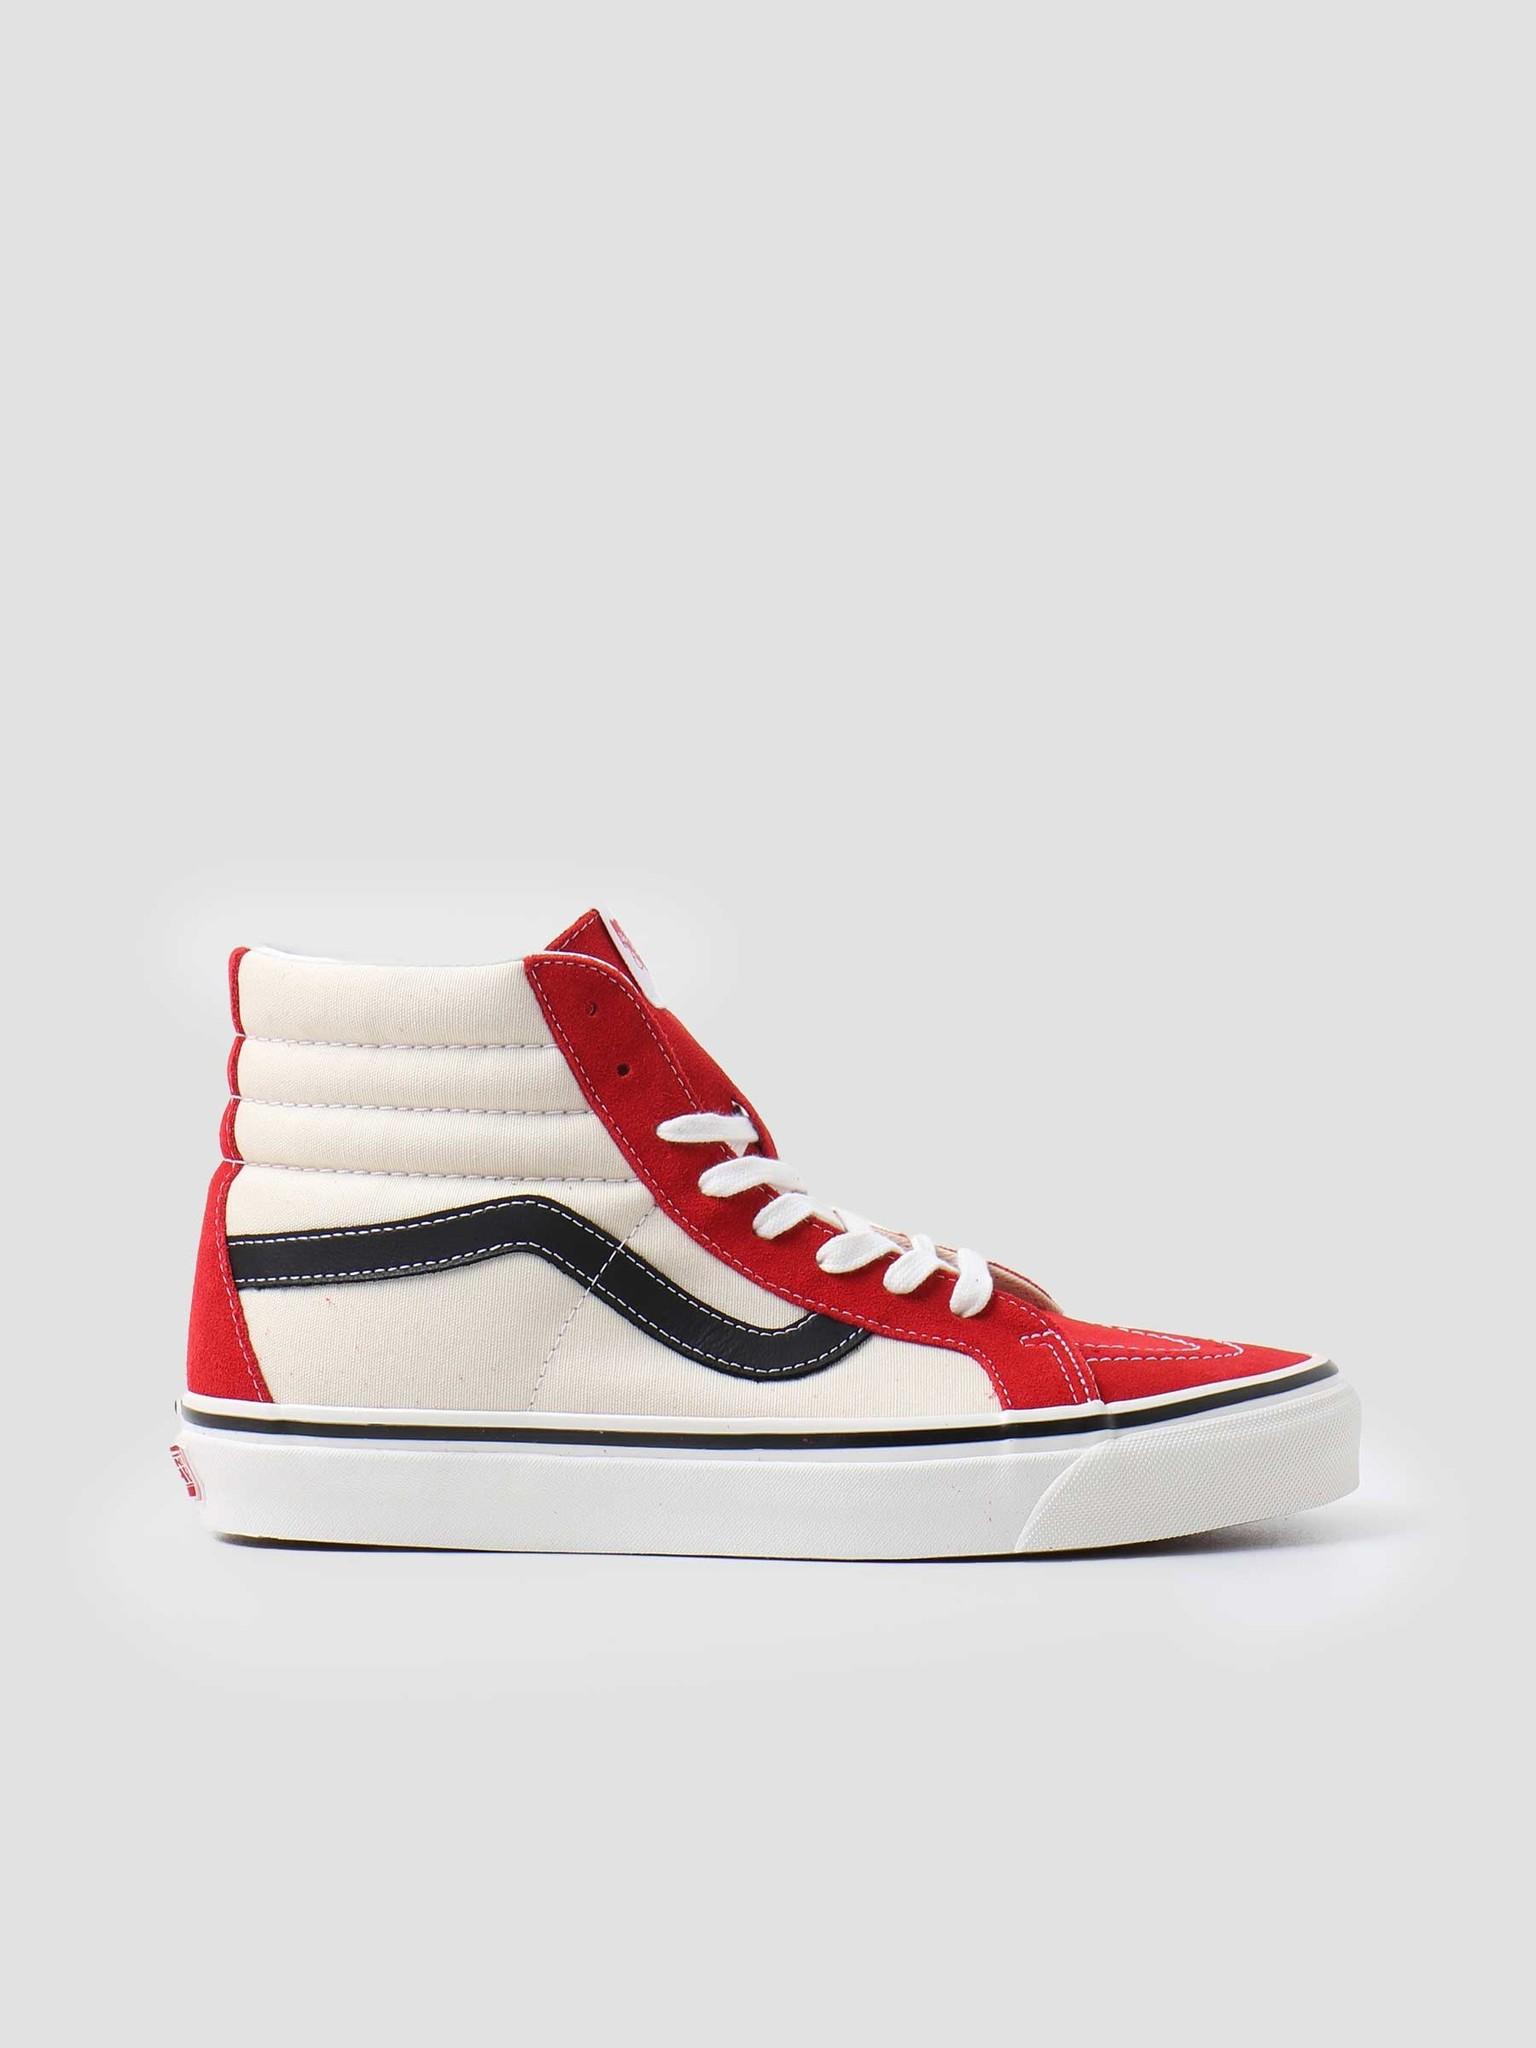 Vans Vans UA SK8-Hi 38 DX Anaheim Factory OG Red White Black VN0A38GF4UK1